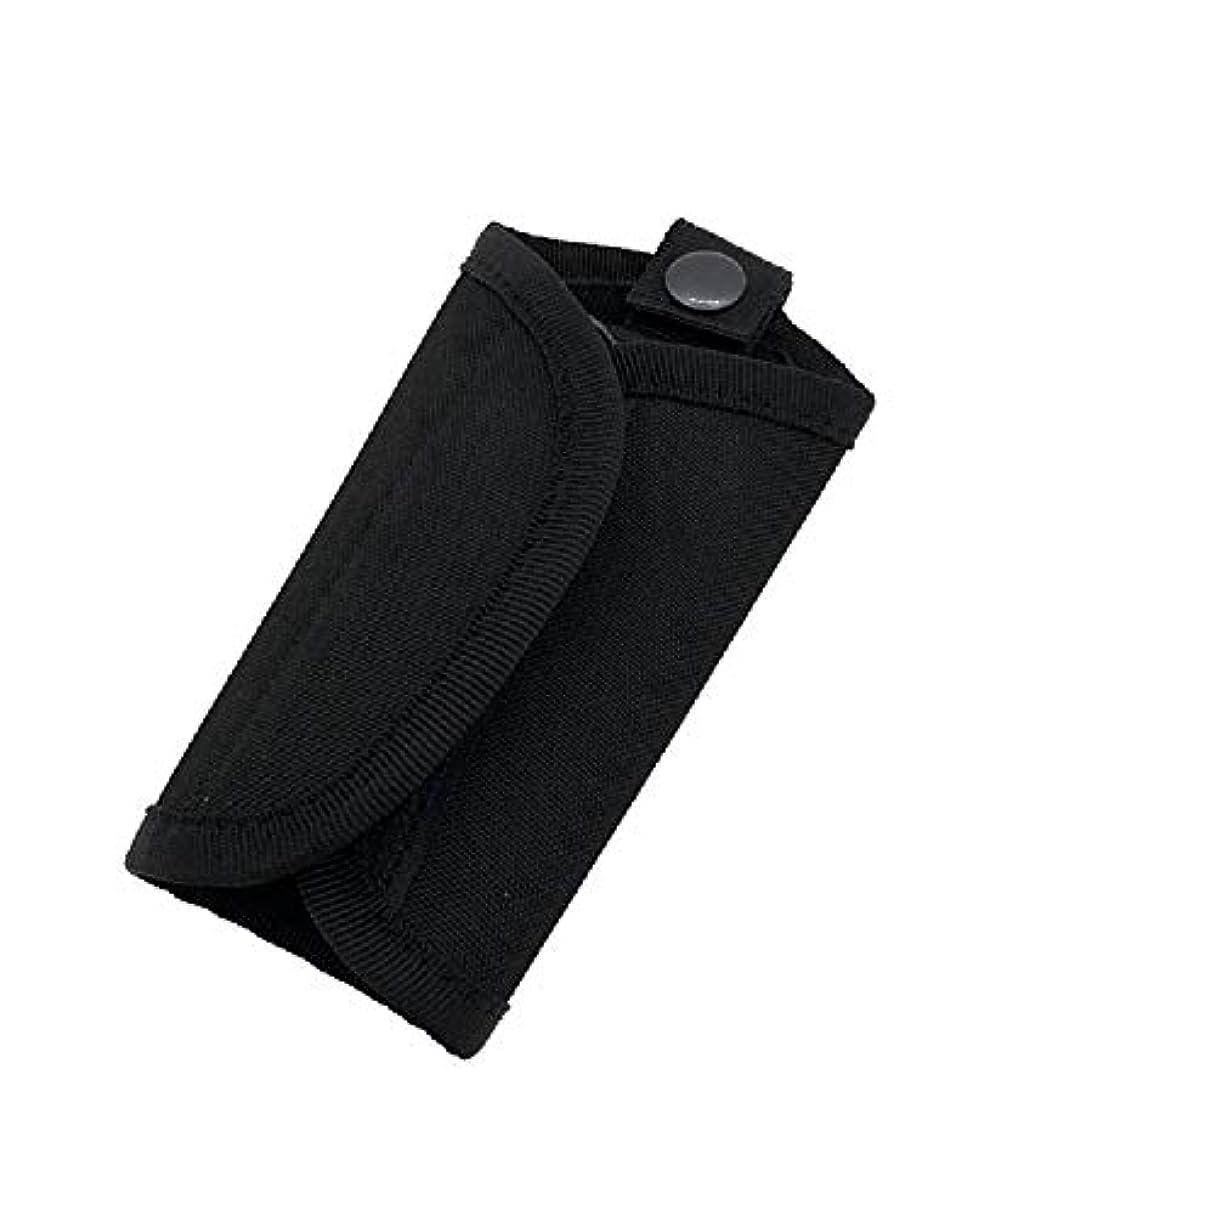 セージ赤字出来事屋外多機能キーバッグポータブルウエストバッグ戦術スポーツソリッドカラーの小さなポケット (Color : Black, Size : 20*15.5cm/7.9*6.1in)